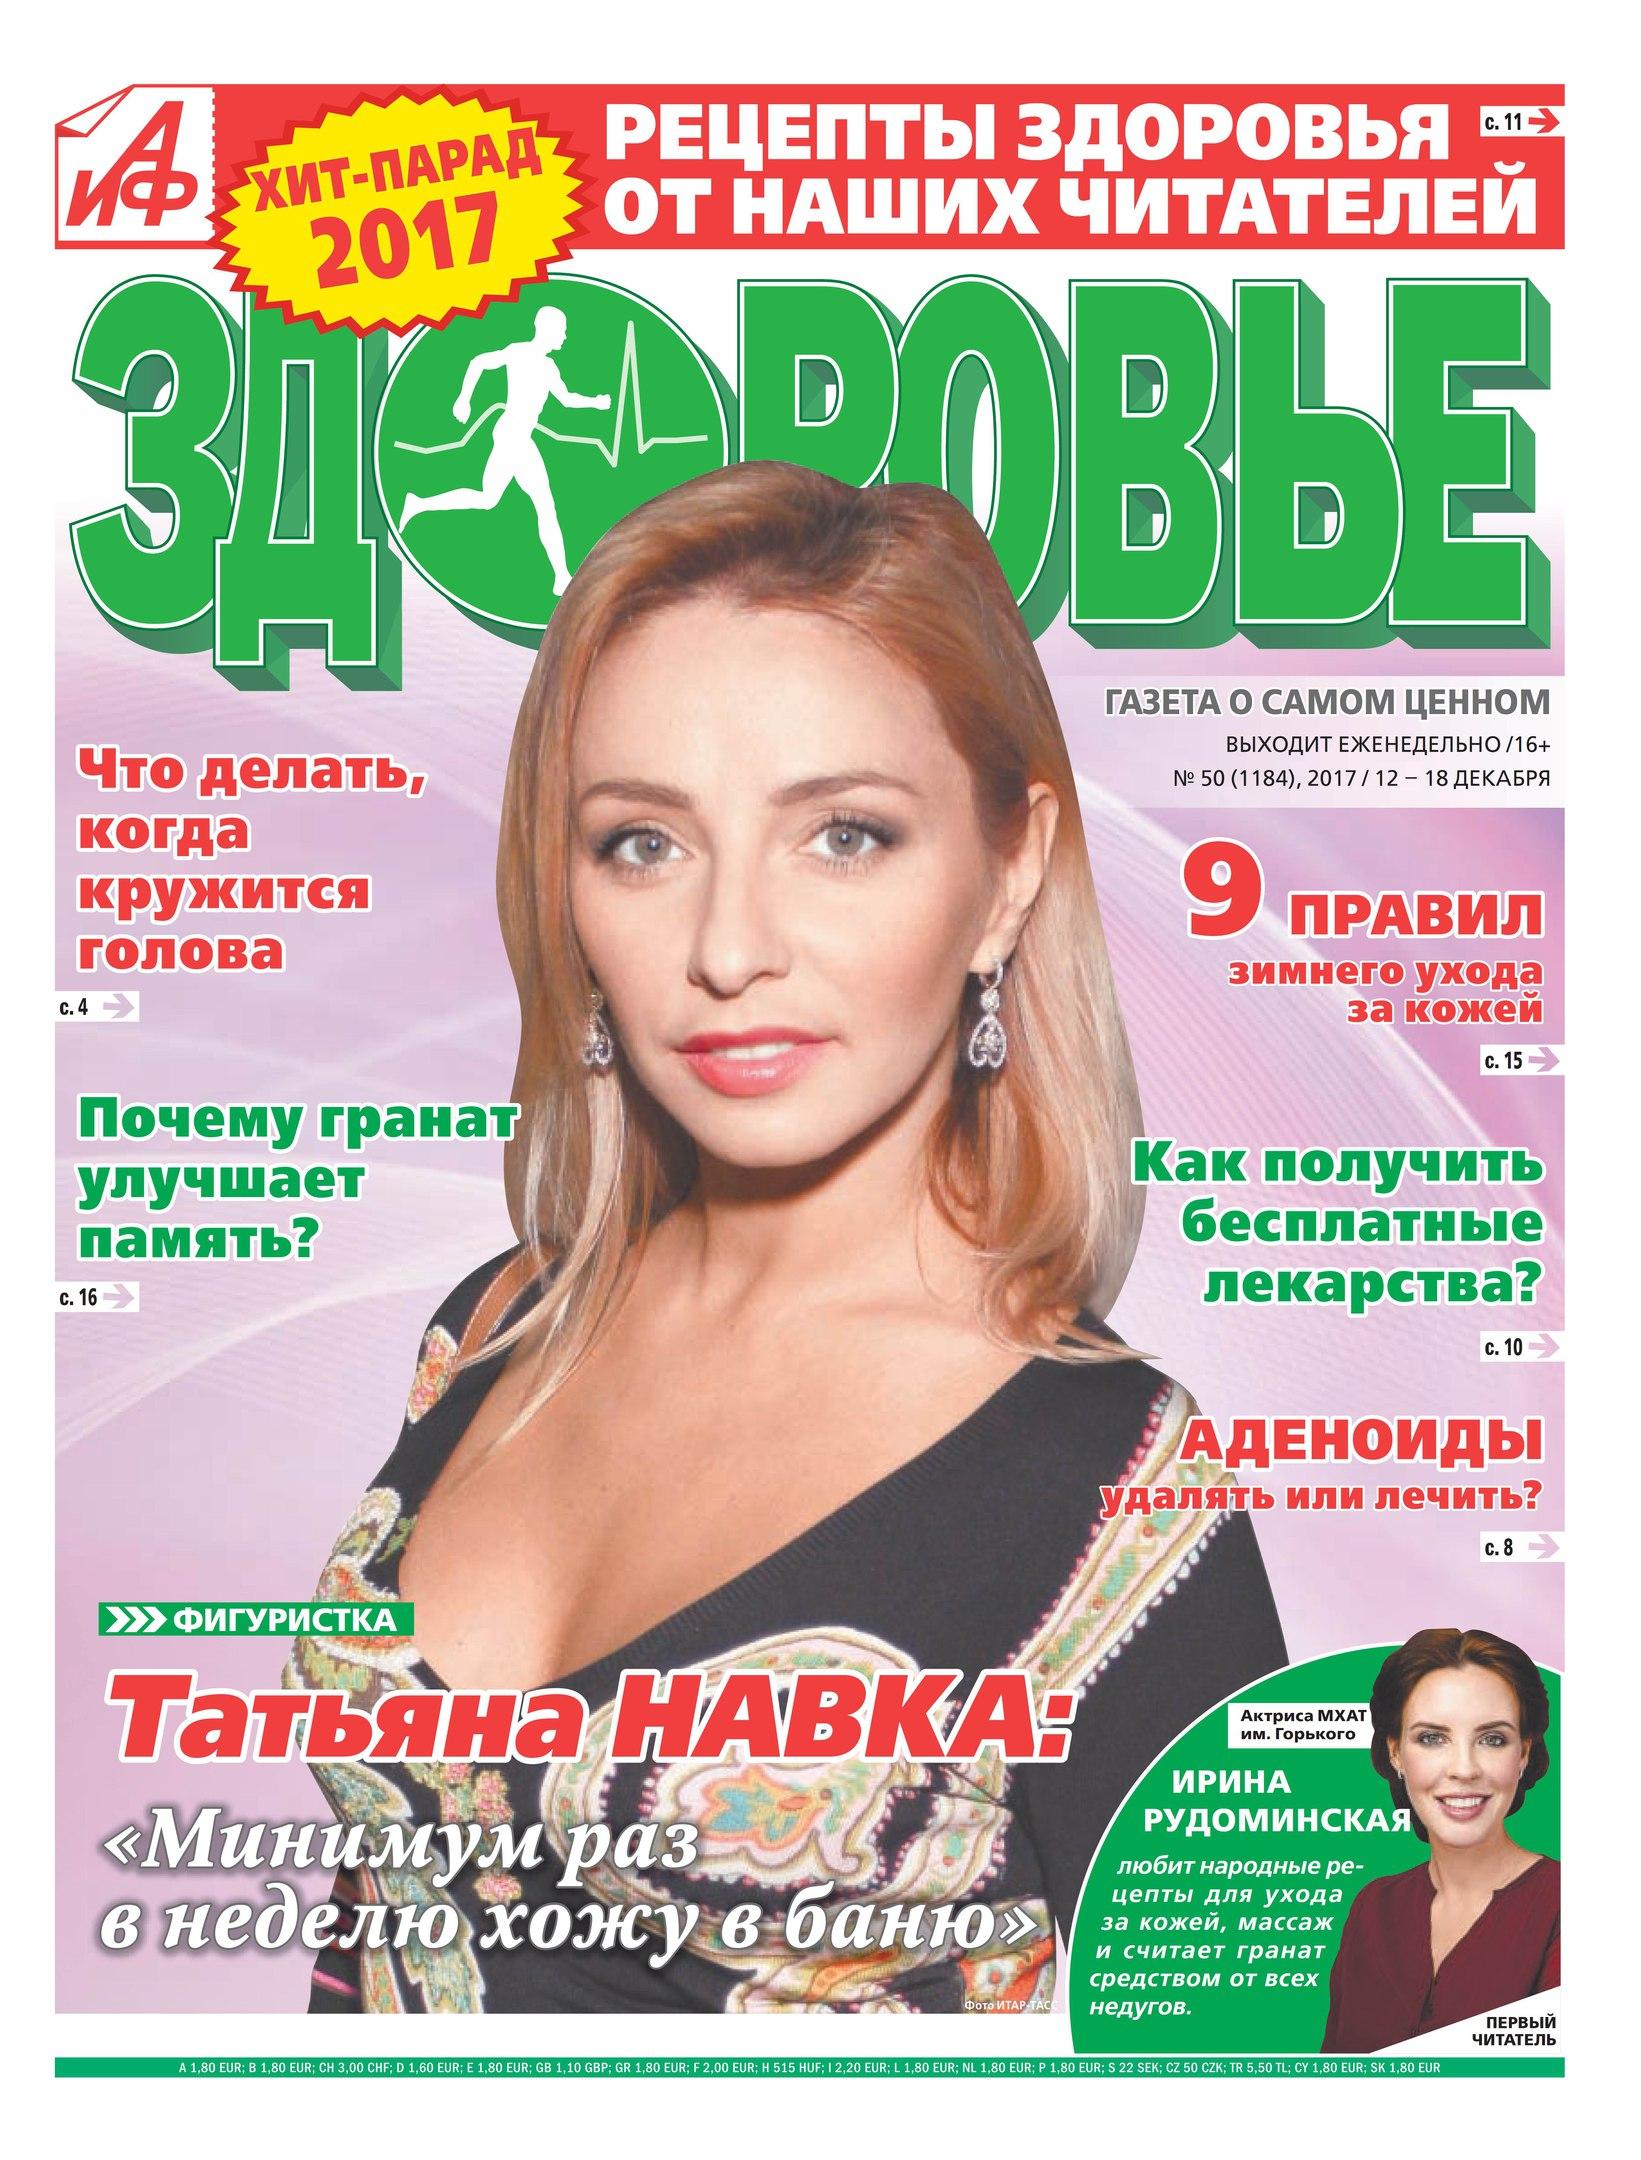 Татьяна Навка. Пресса - Страница 17 TbKOktVB0vQ